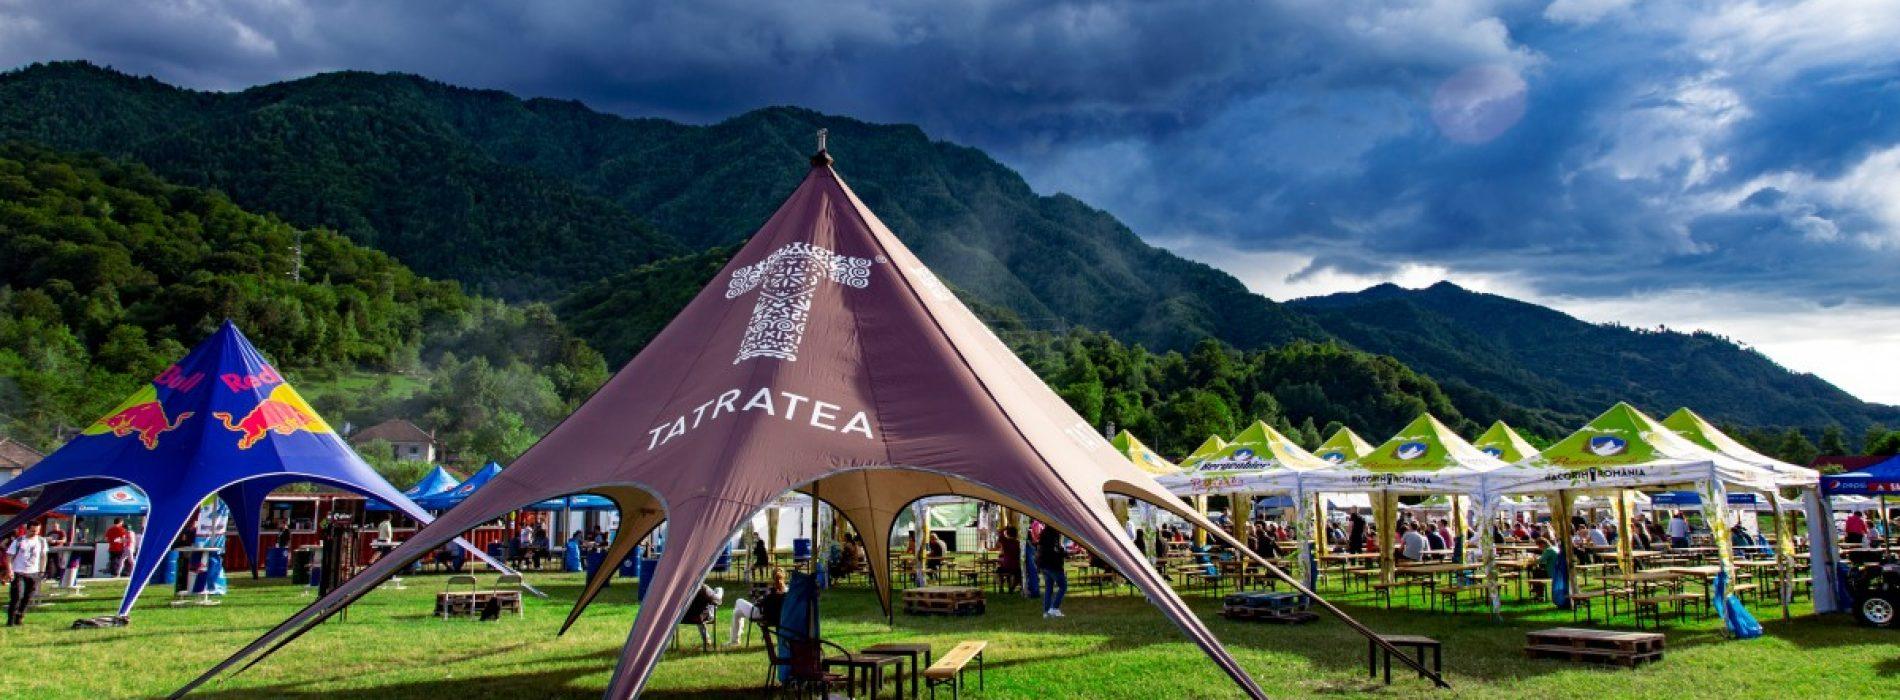 Festivalurile salvează turismul! Brezoi pariază pe Live Music Summer Camp